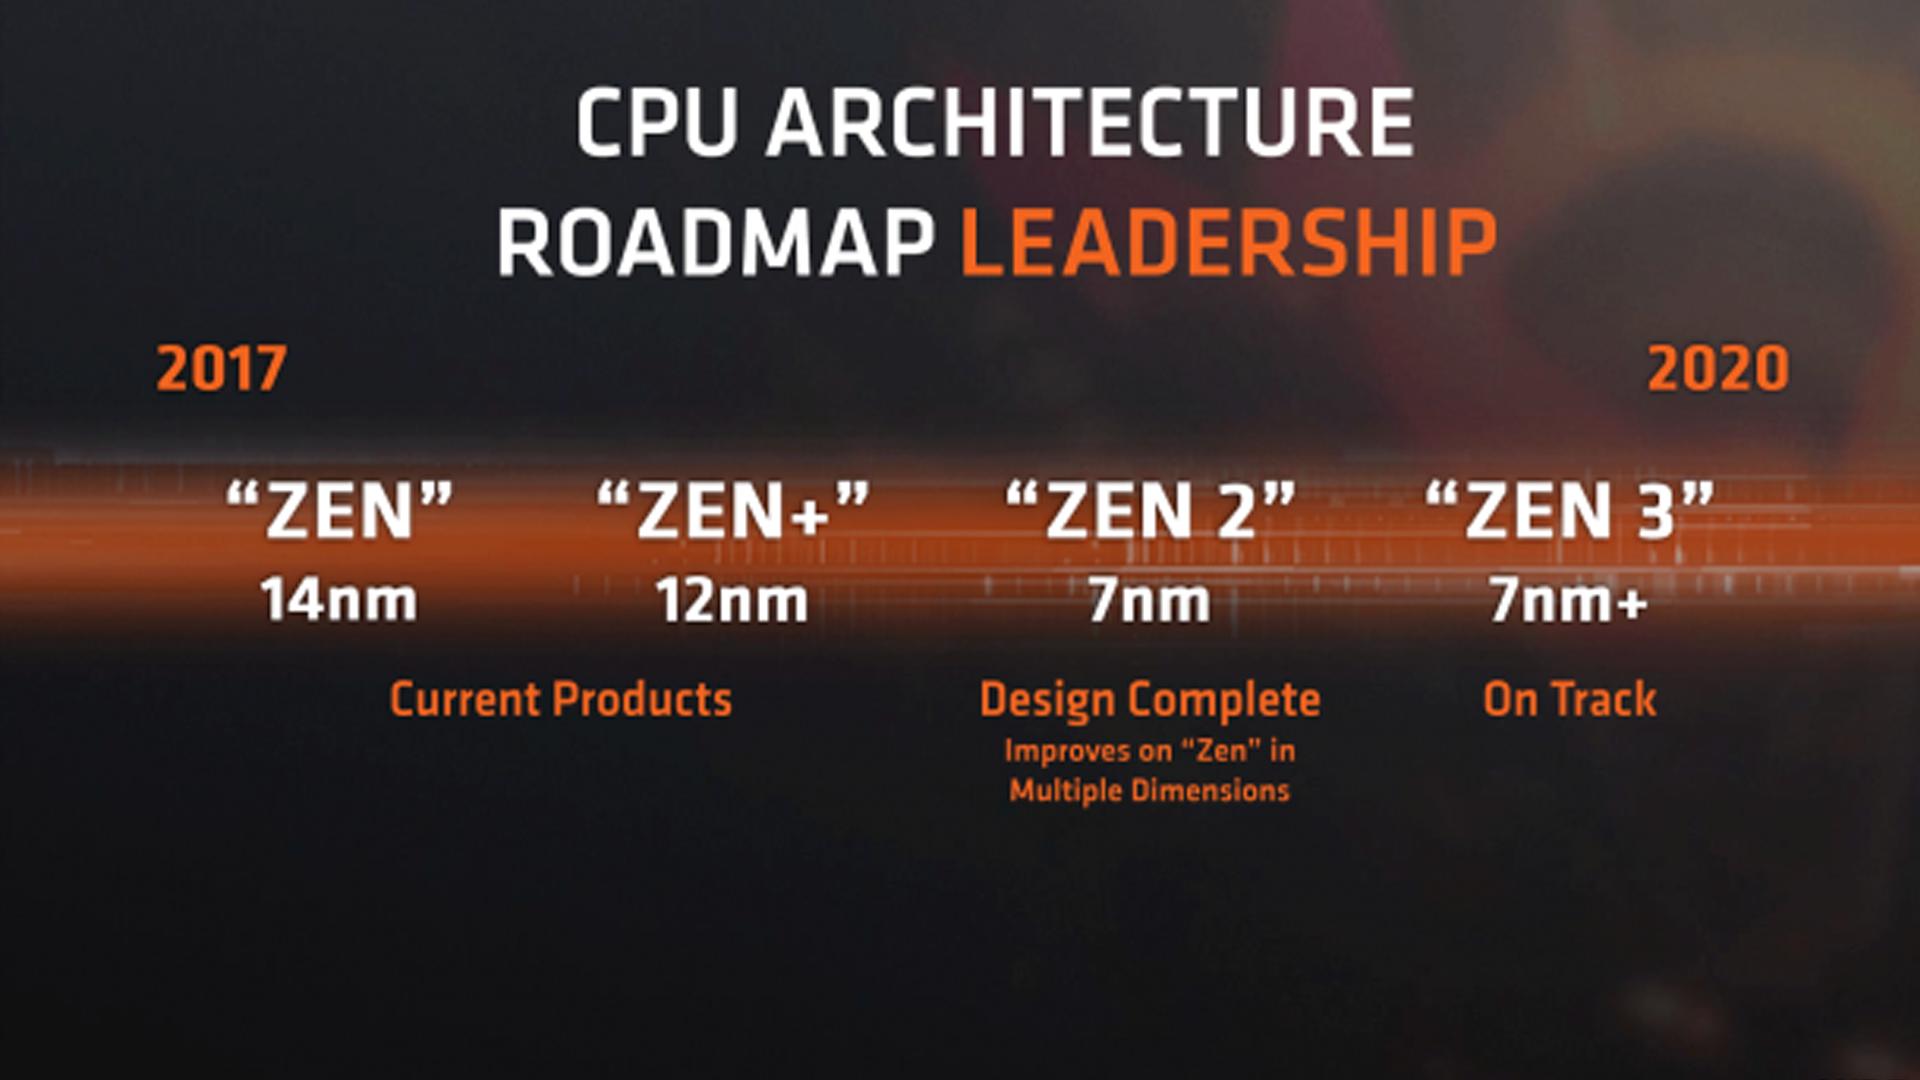 أولى العينات الهندسية لمعالجات مستندة على معمارية AMD Zen 2 تصل لفريق RTG